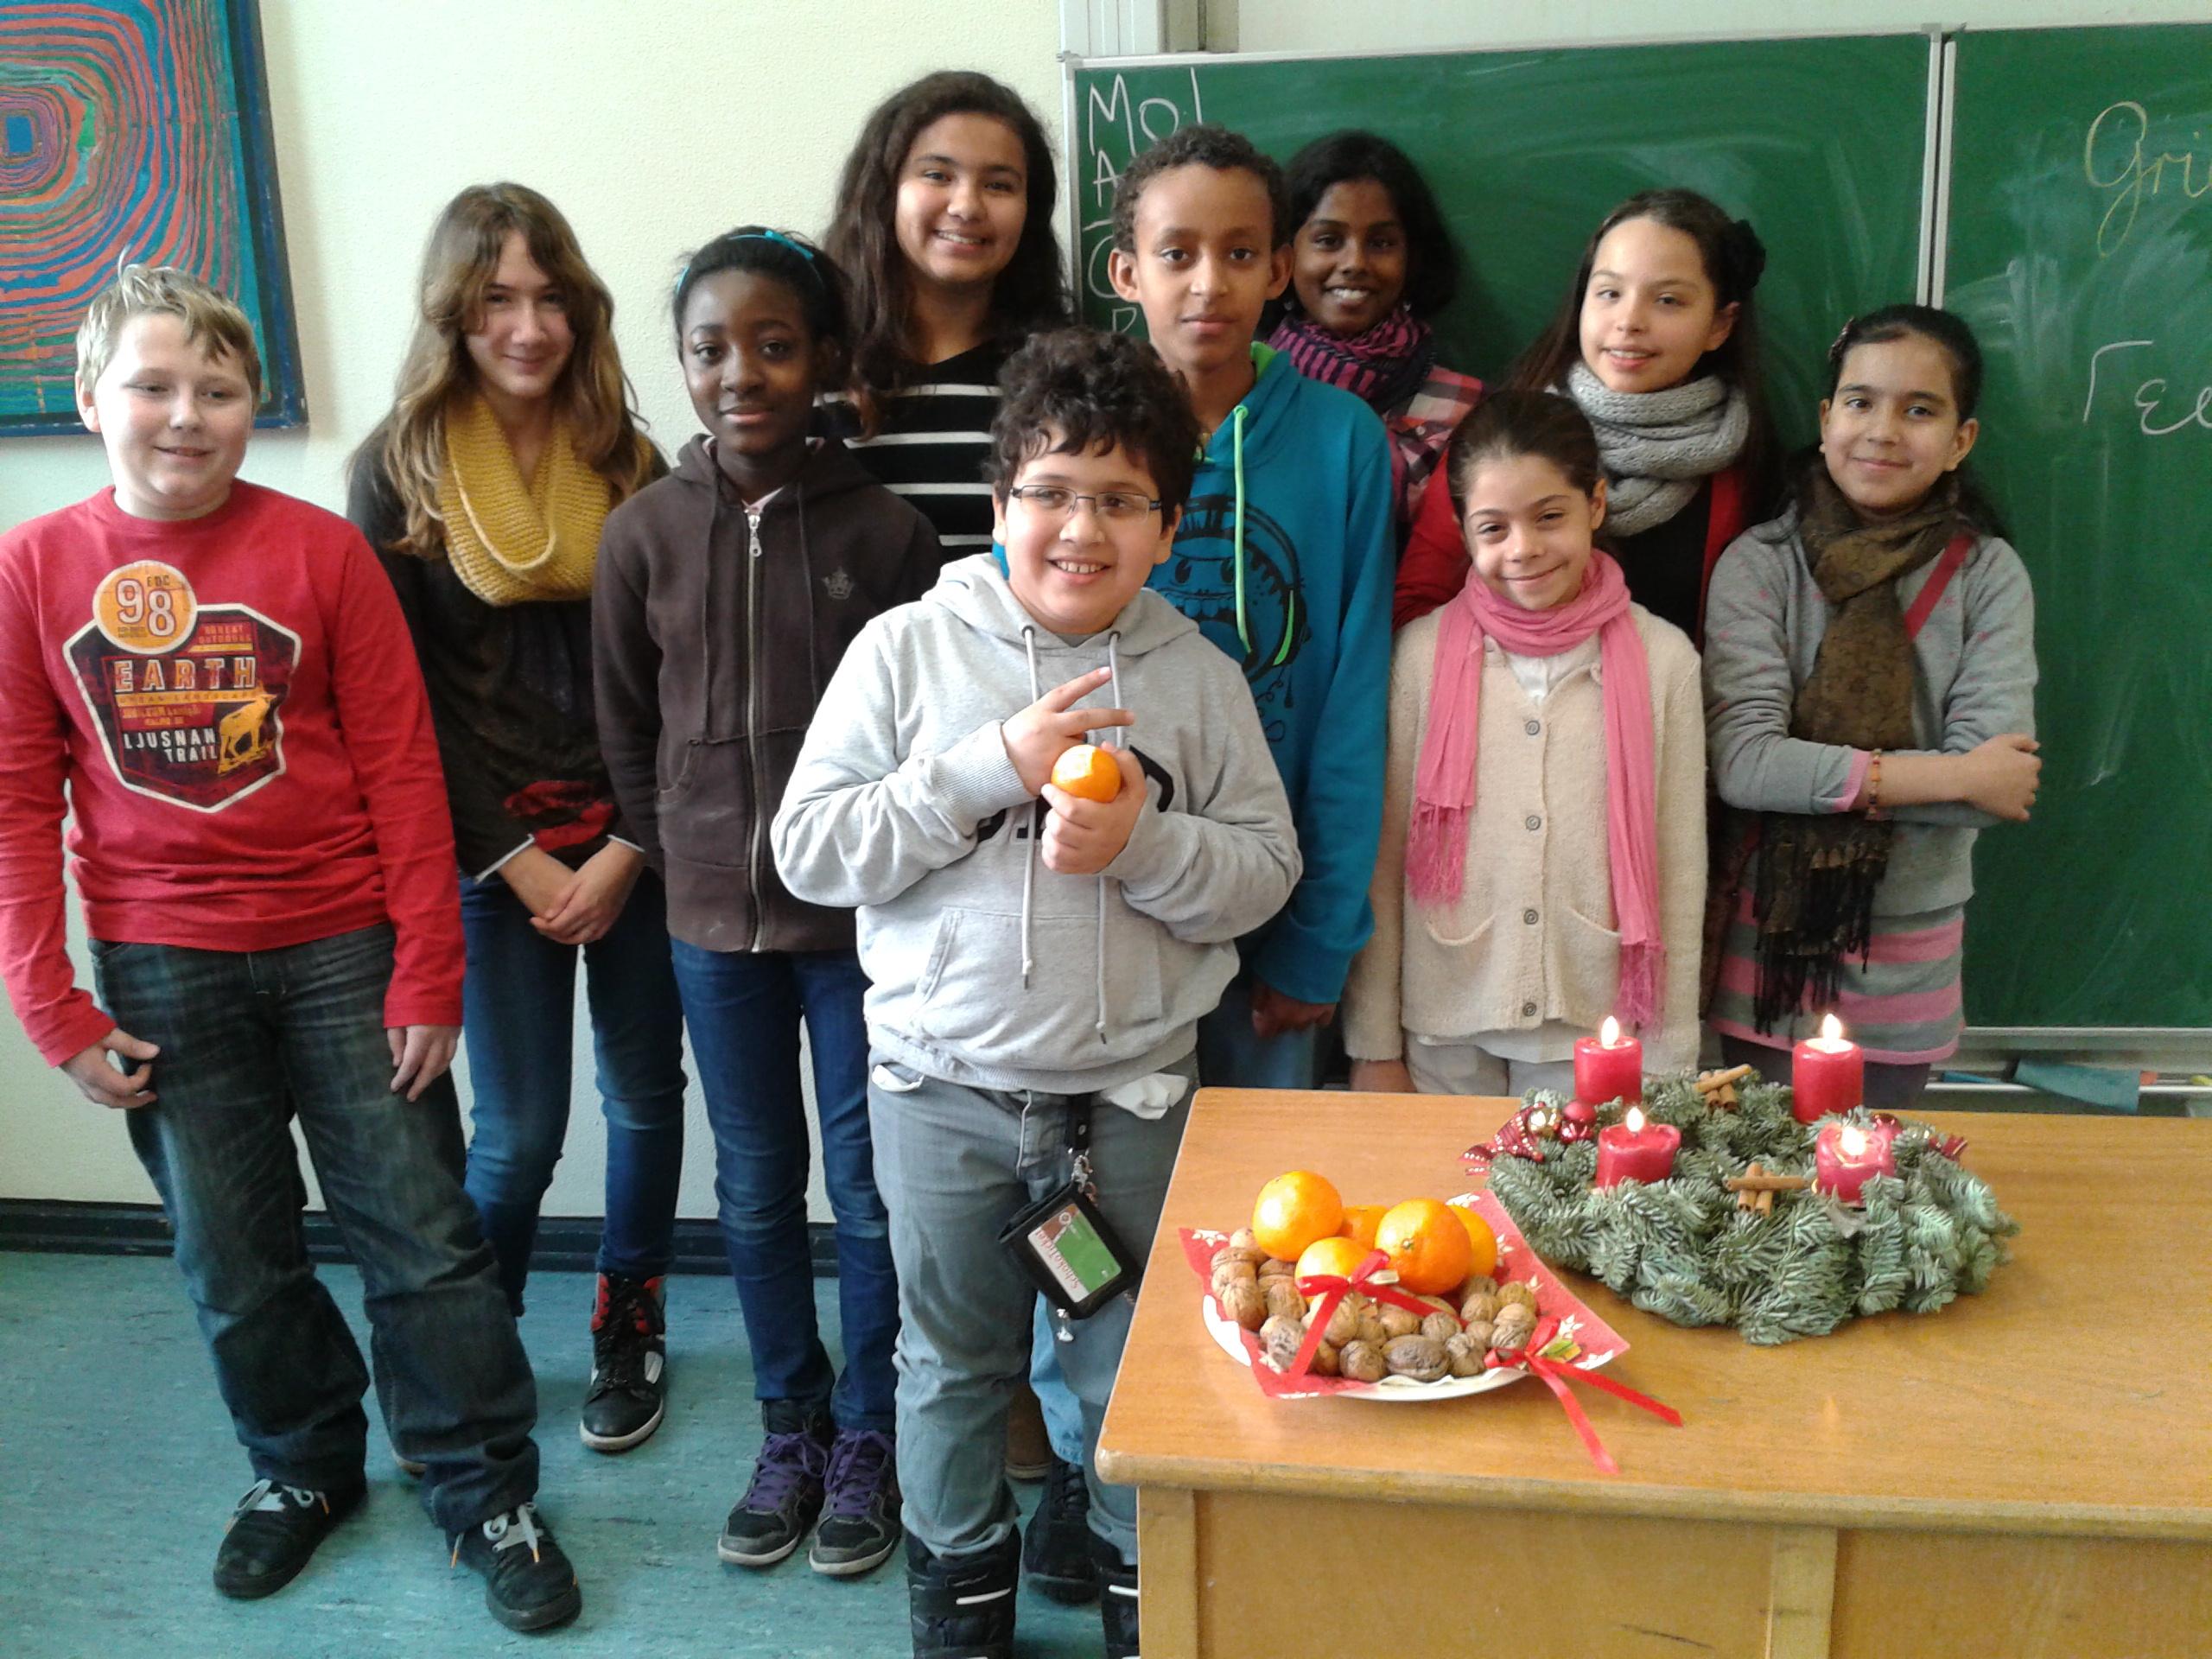 Die Seiteneinsteiger -Klasse in Essen. (Foto: privat)